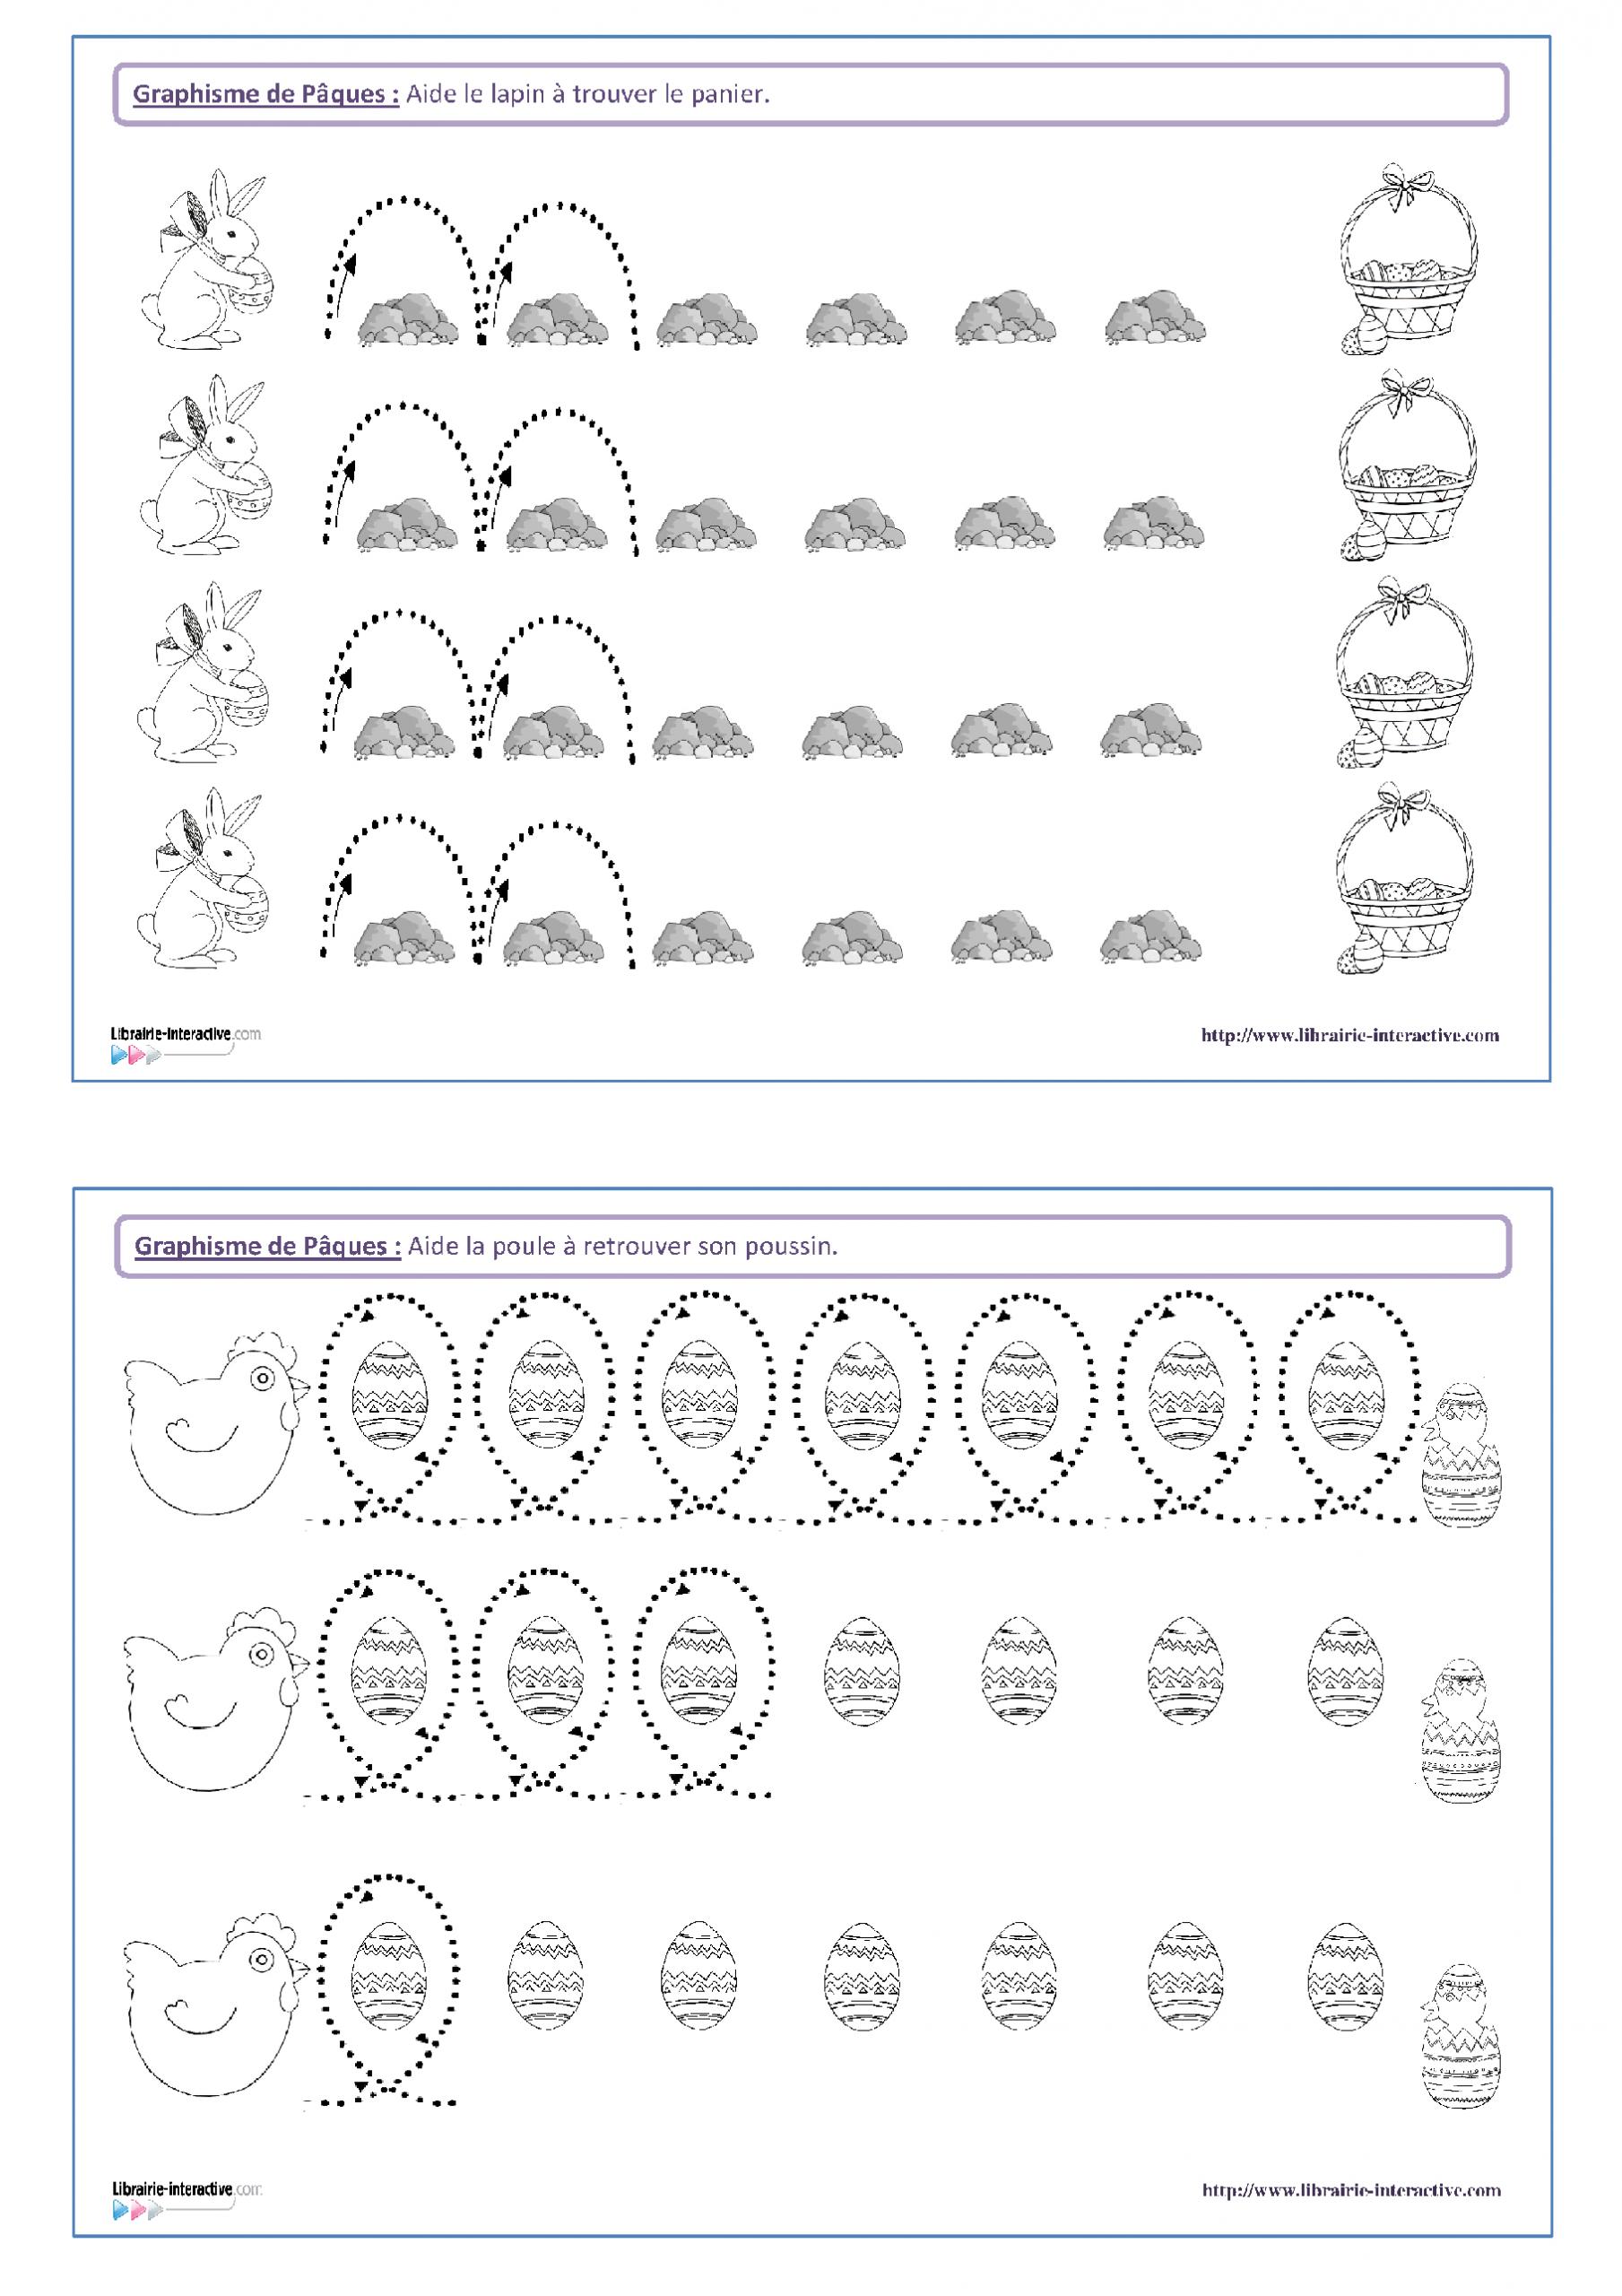 14 Fiches De Graphisme Sur Le Thème De Pâques, Pour Les intérieur Exercice Maternelle Moyenne Section